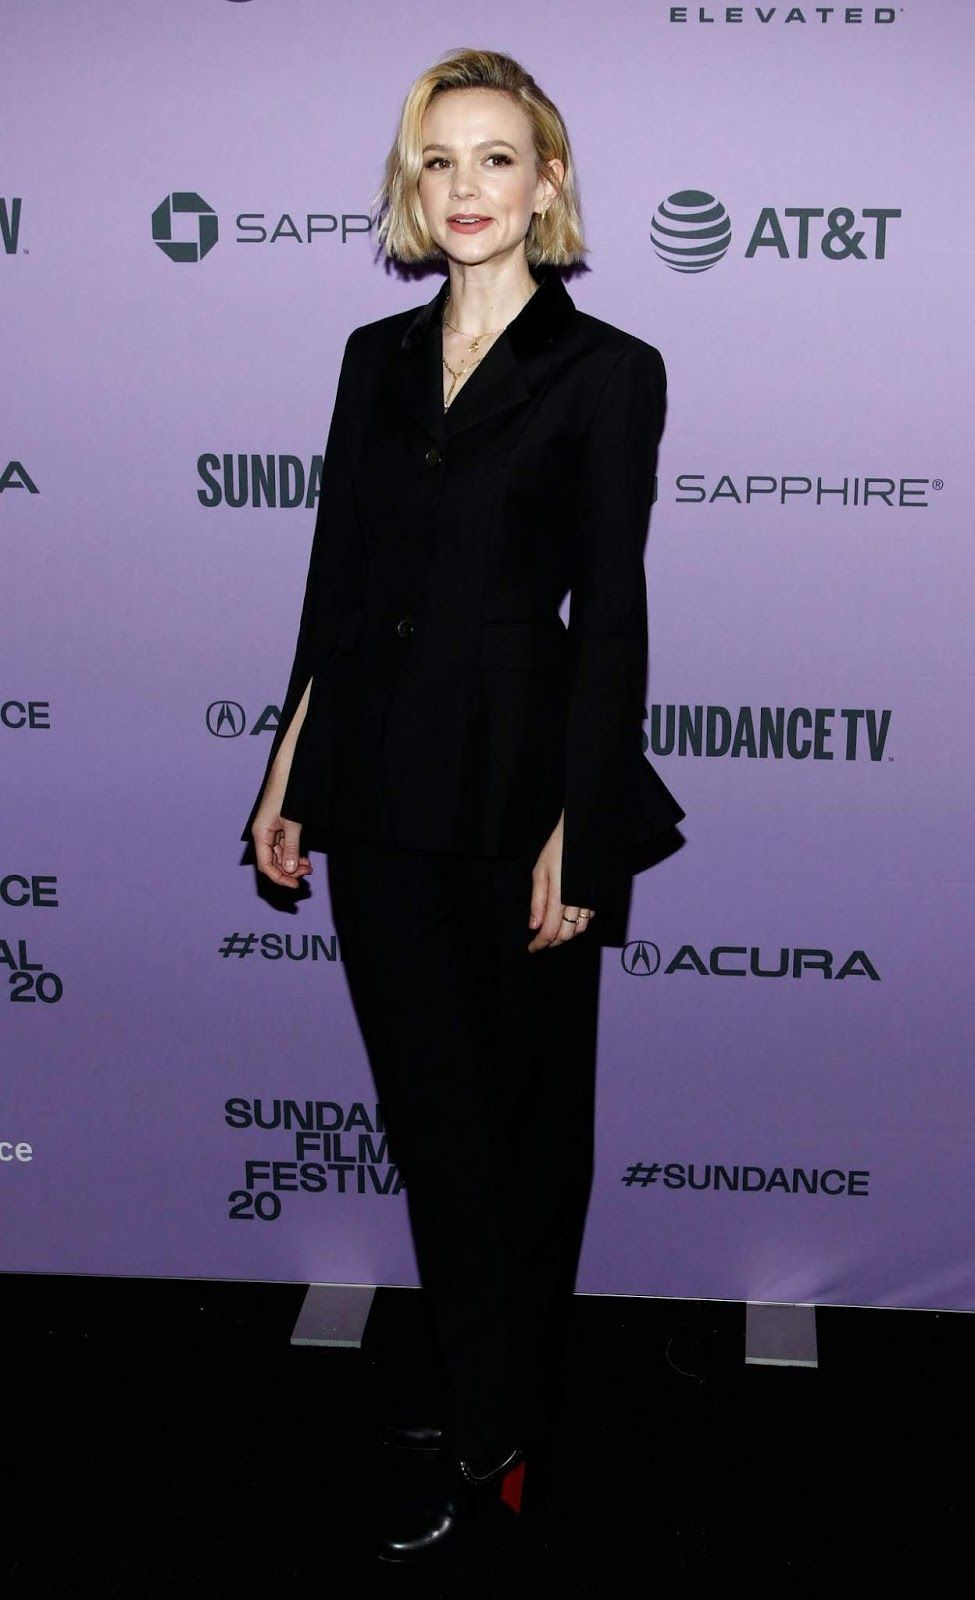 Carey Mulligan Promising Young Woman At 2020 Sundance Film Festival In 2020 Sundance Film Festival Carey Mulligan Carey